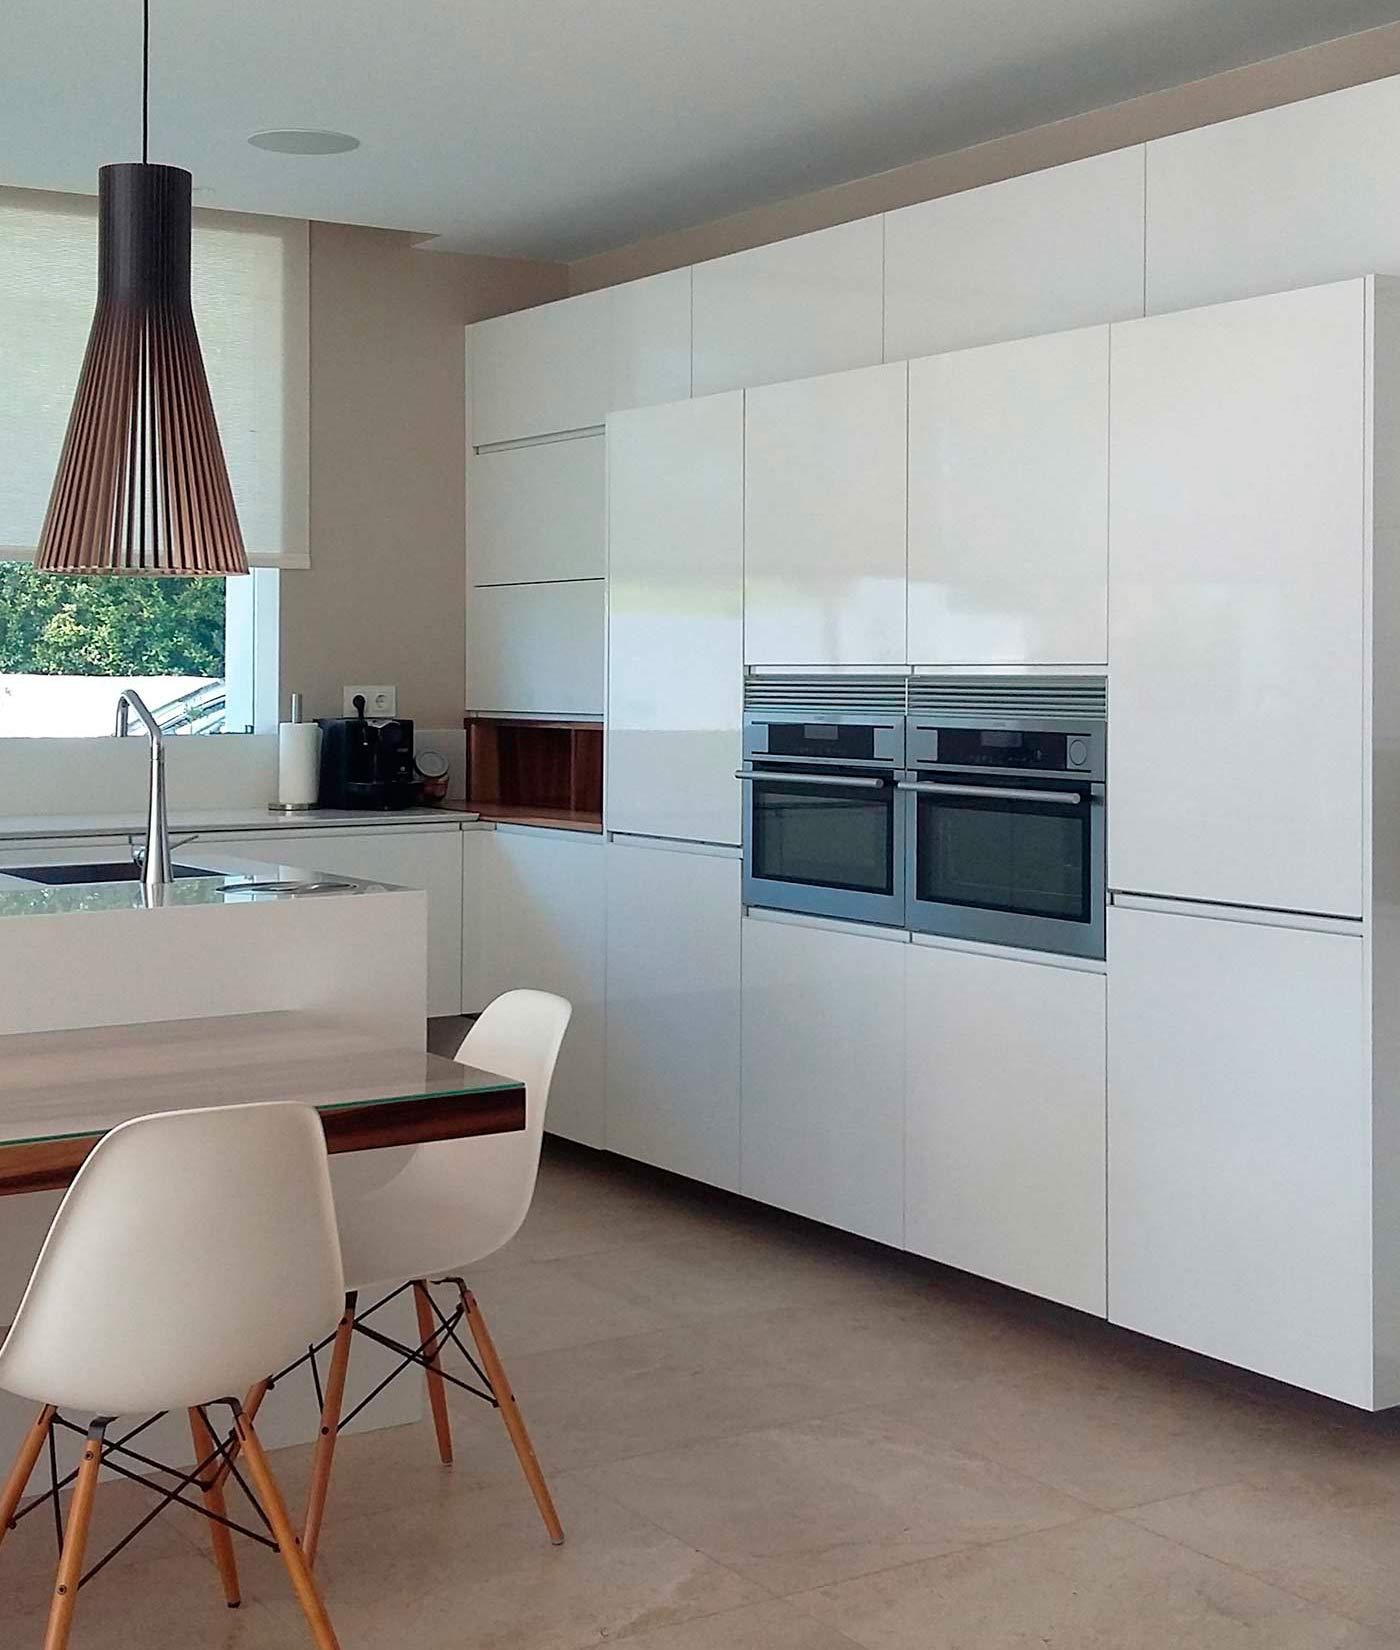 Frente de muebles columnas en blanco con frigorífico integrados y dos hornos